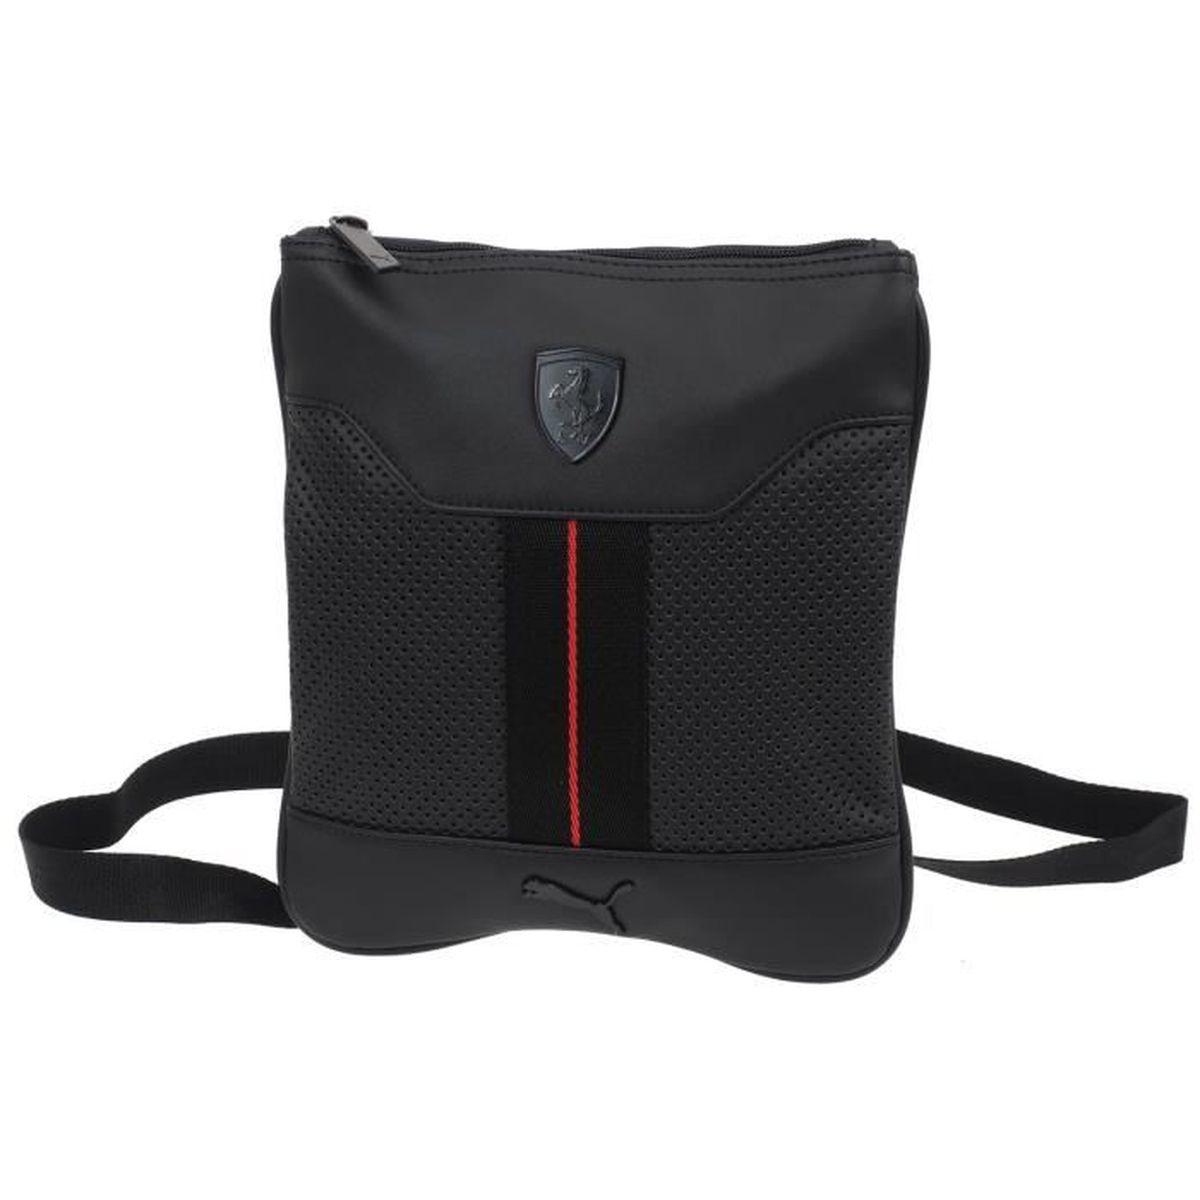 Pochette de protection tablette ferrari ls flat portable - Pochette de tablette ...